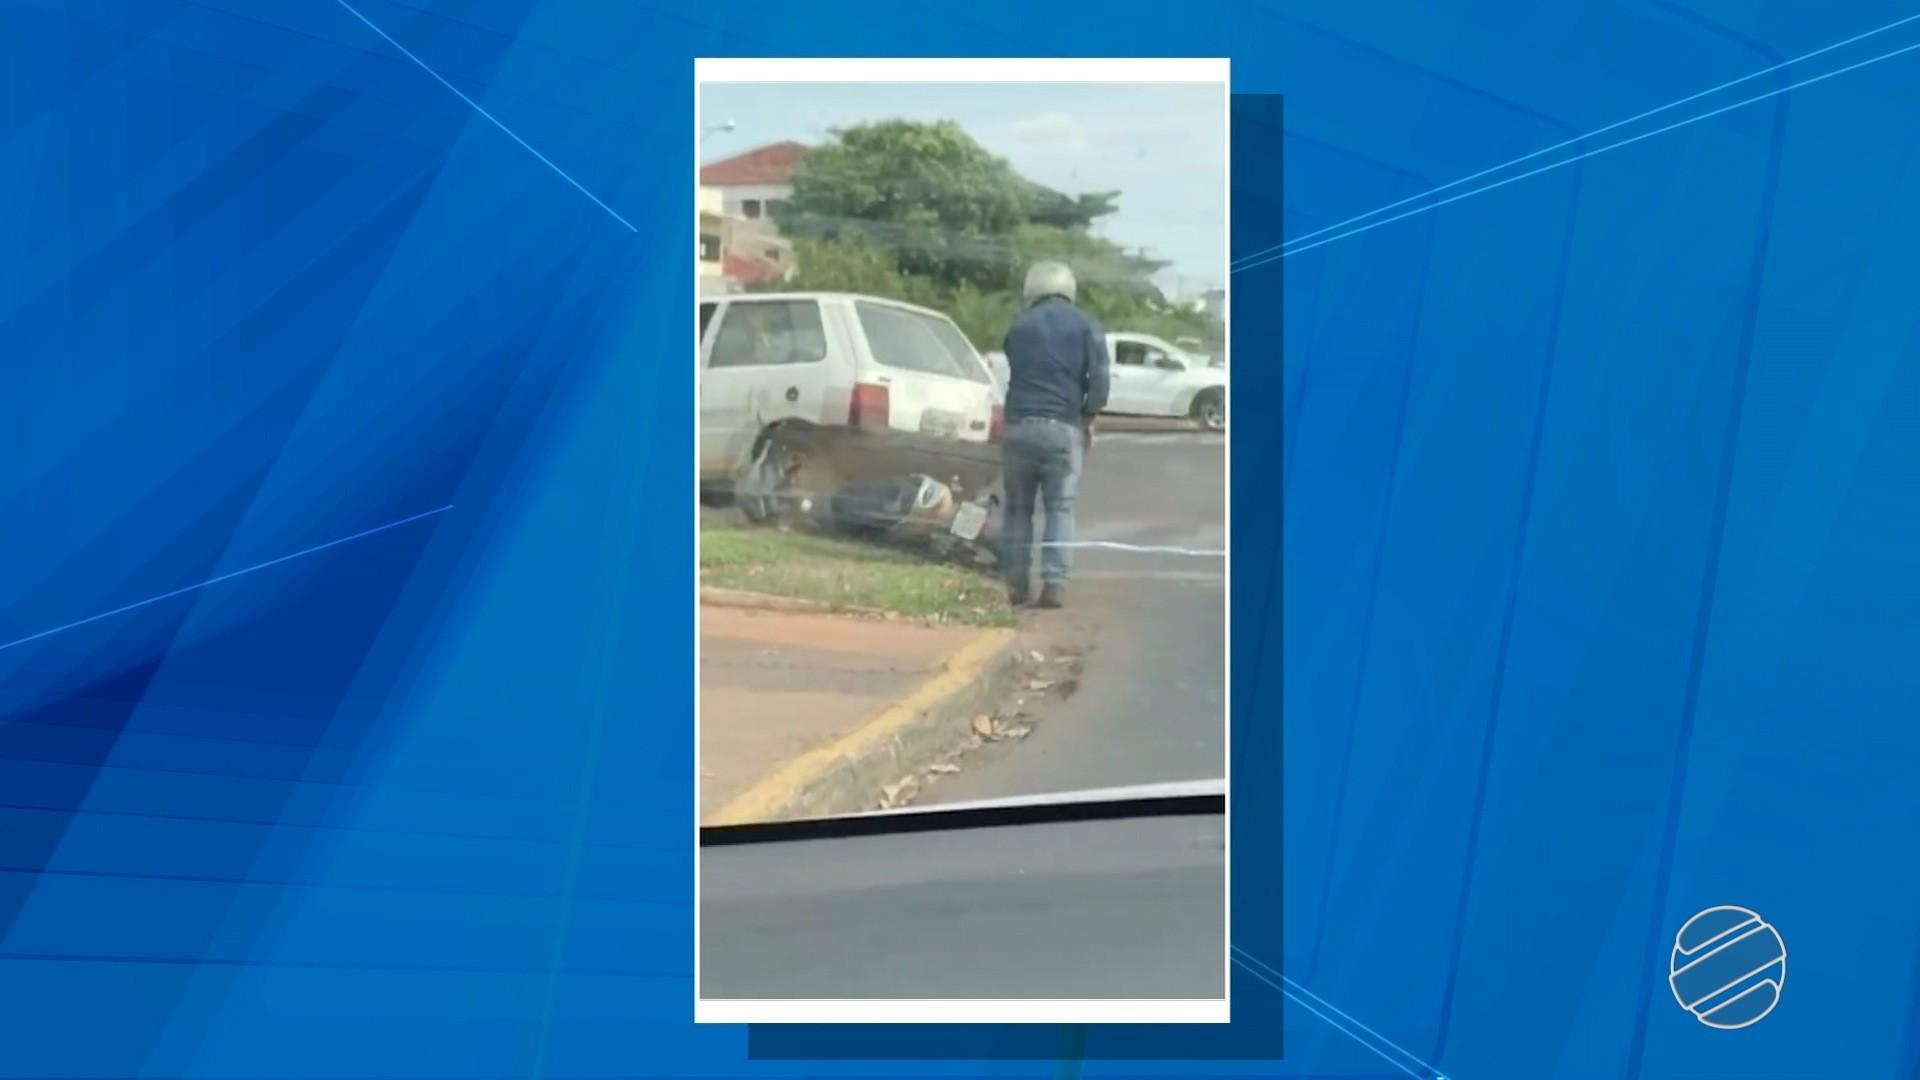 Motorista foge após jogar carro em cima de motociclista em avenida de Três Lagoas, MS; veja vídeo